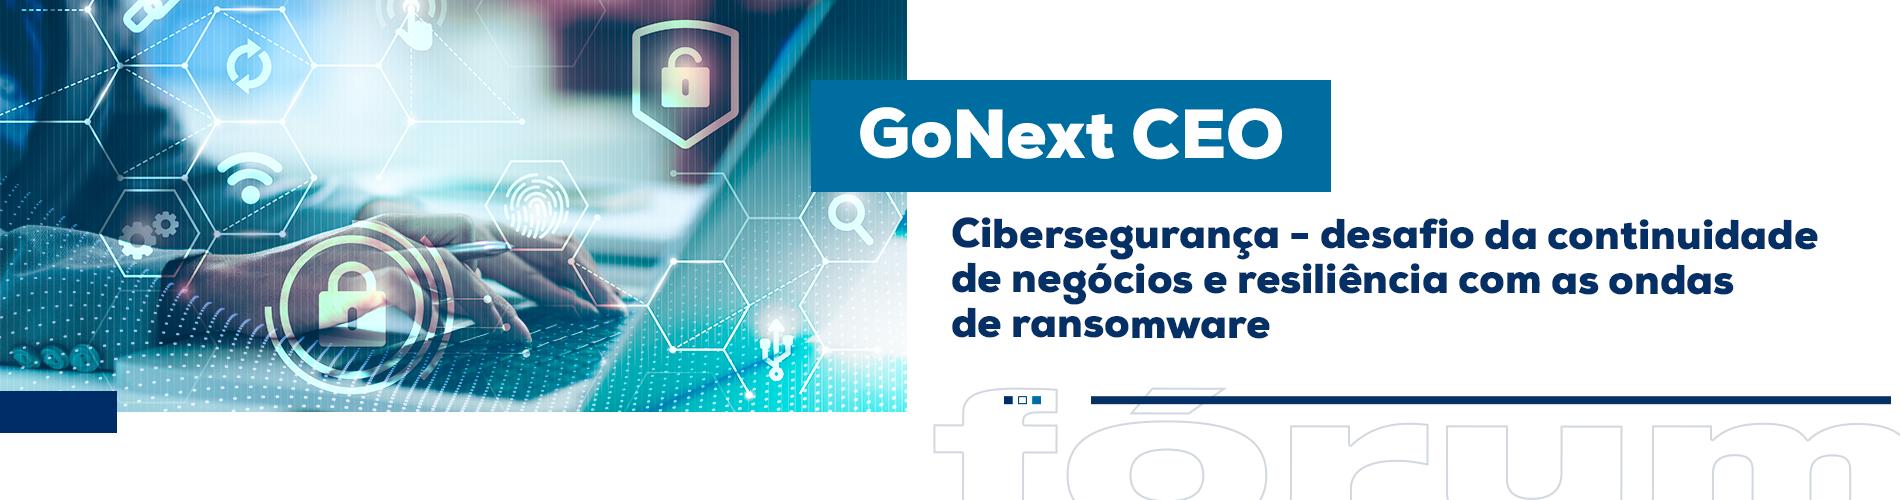 Cibersegurança é tema no GoNext CEO